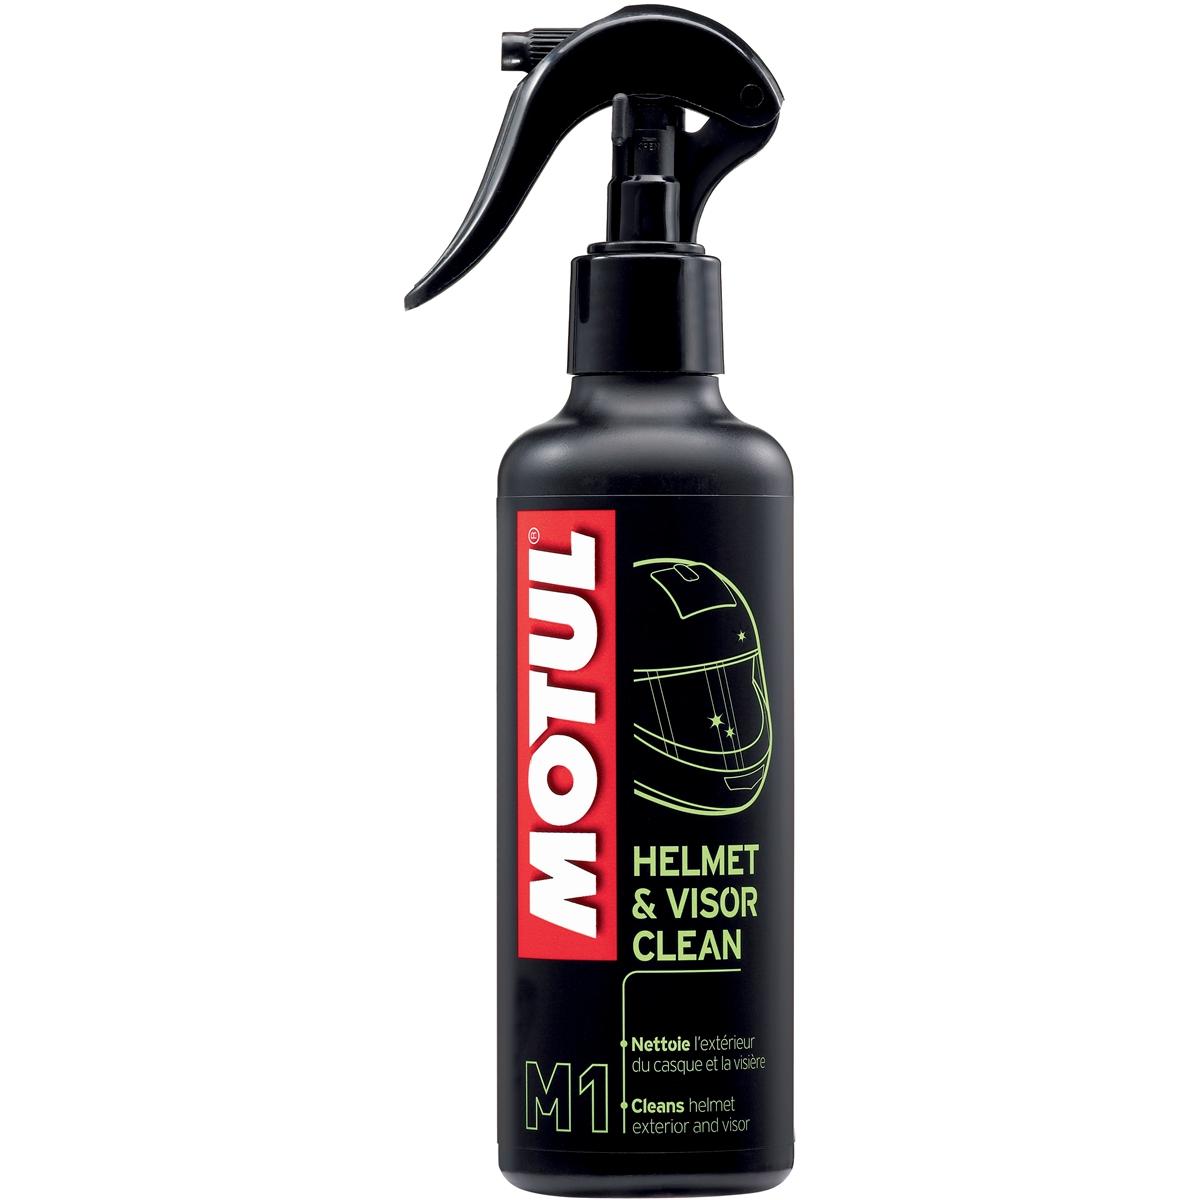 Spray Limpador Motul MC Care M1 - Cuidado com Capacetes e Viseiras 250ML  - Nova Suzuki Motos e Acessórios